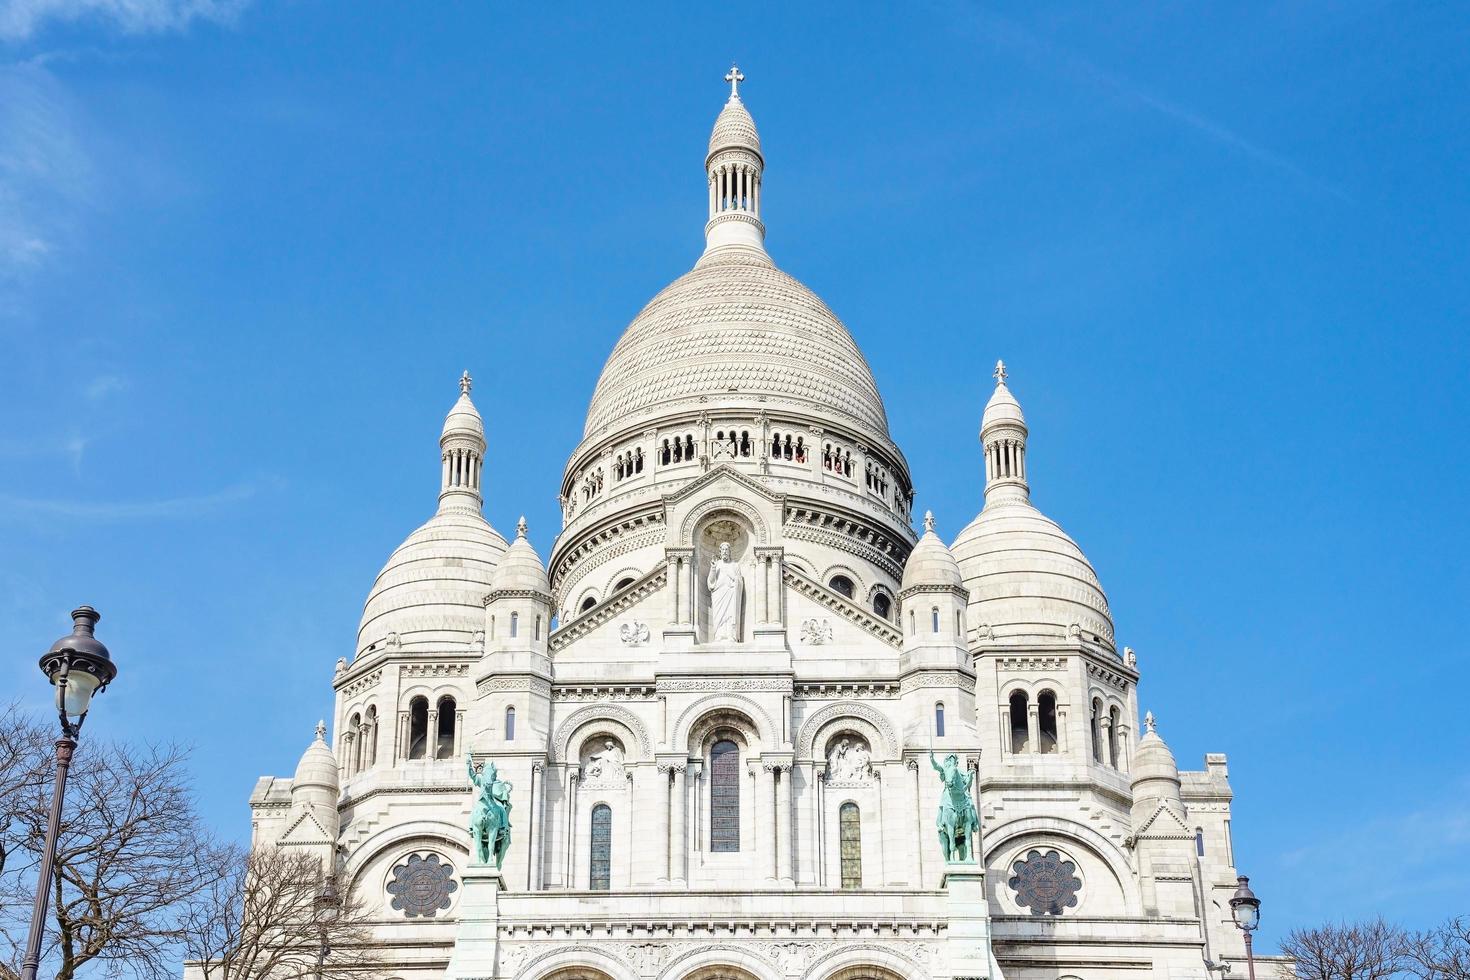 Basilika des heiligen Herzens von Paris in Paris, Frankreich foto